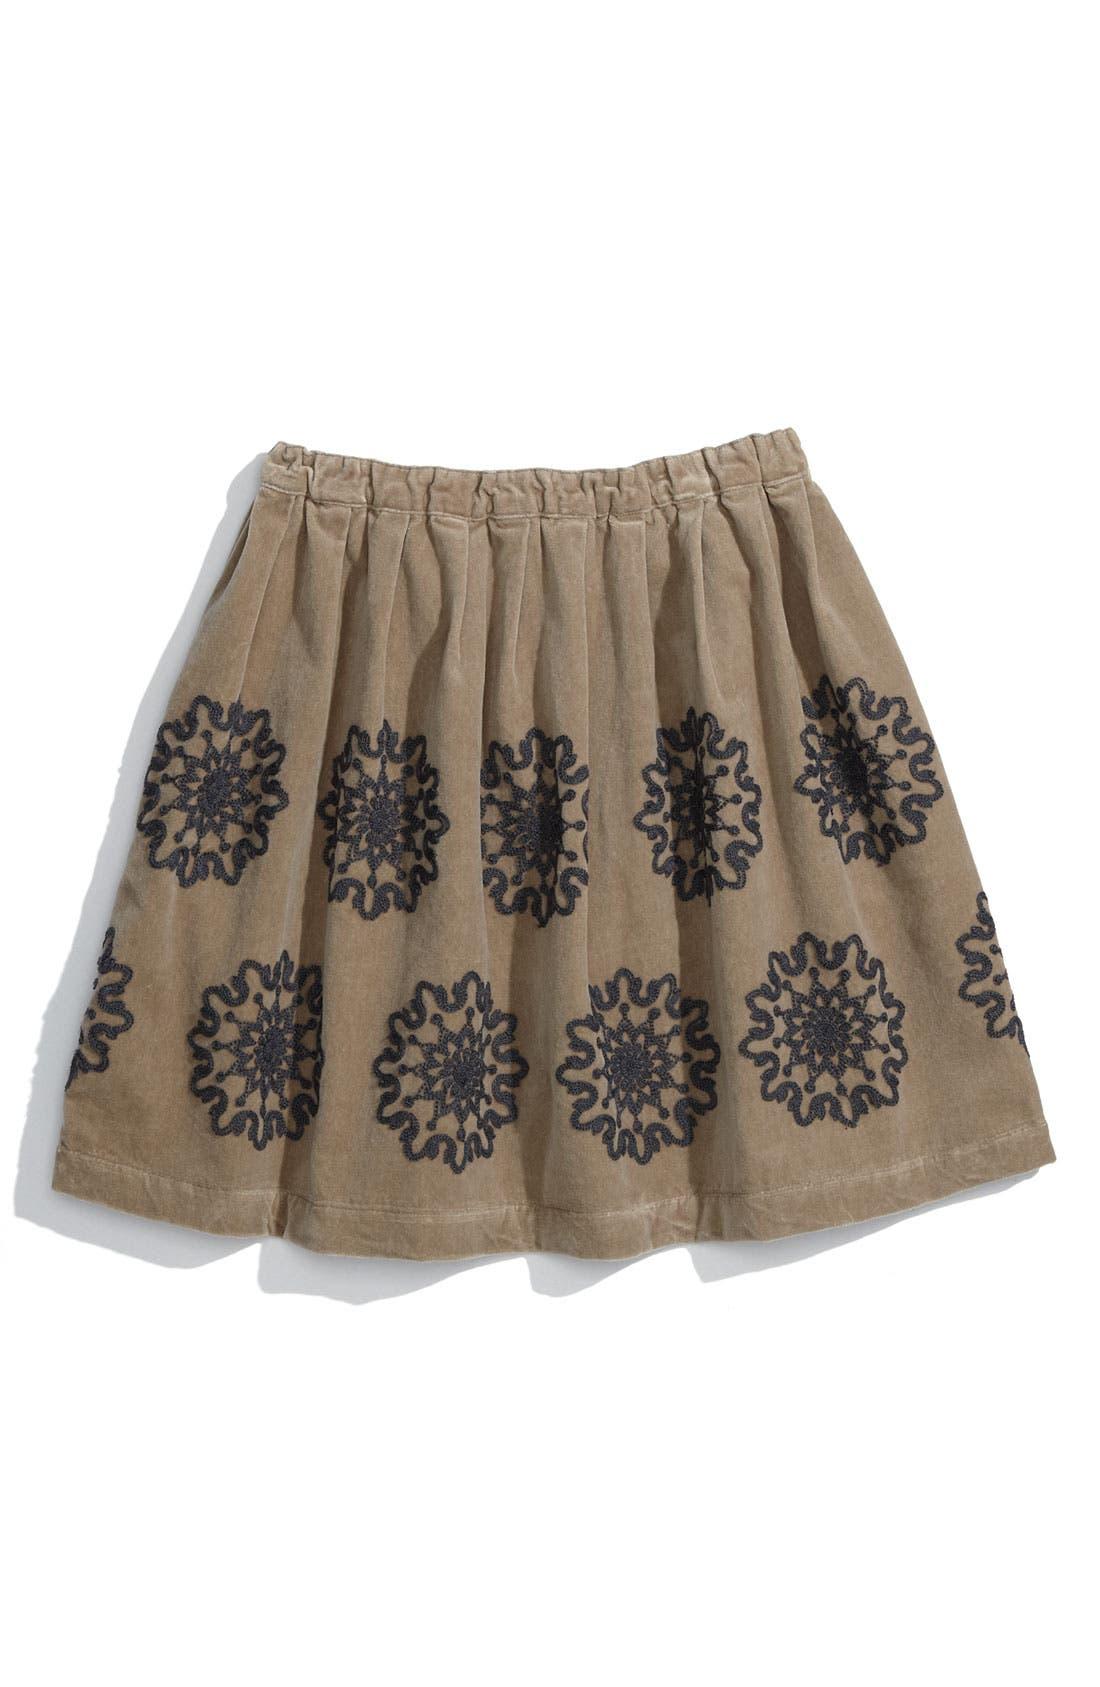 Alternate Image 1 Selected - Peek 'Frida' Velvet Skirt (Toddler & Little Girls)